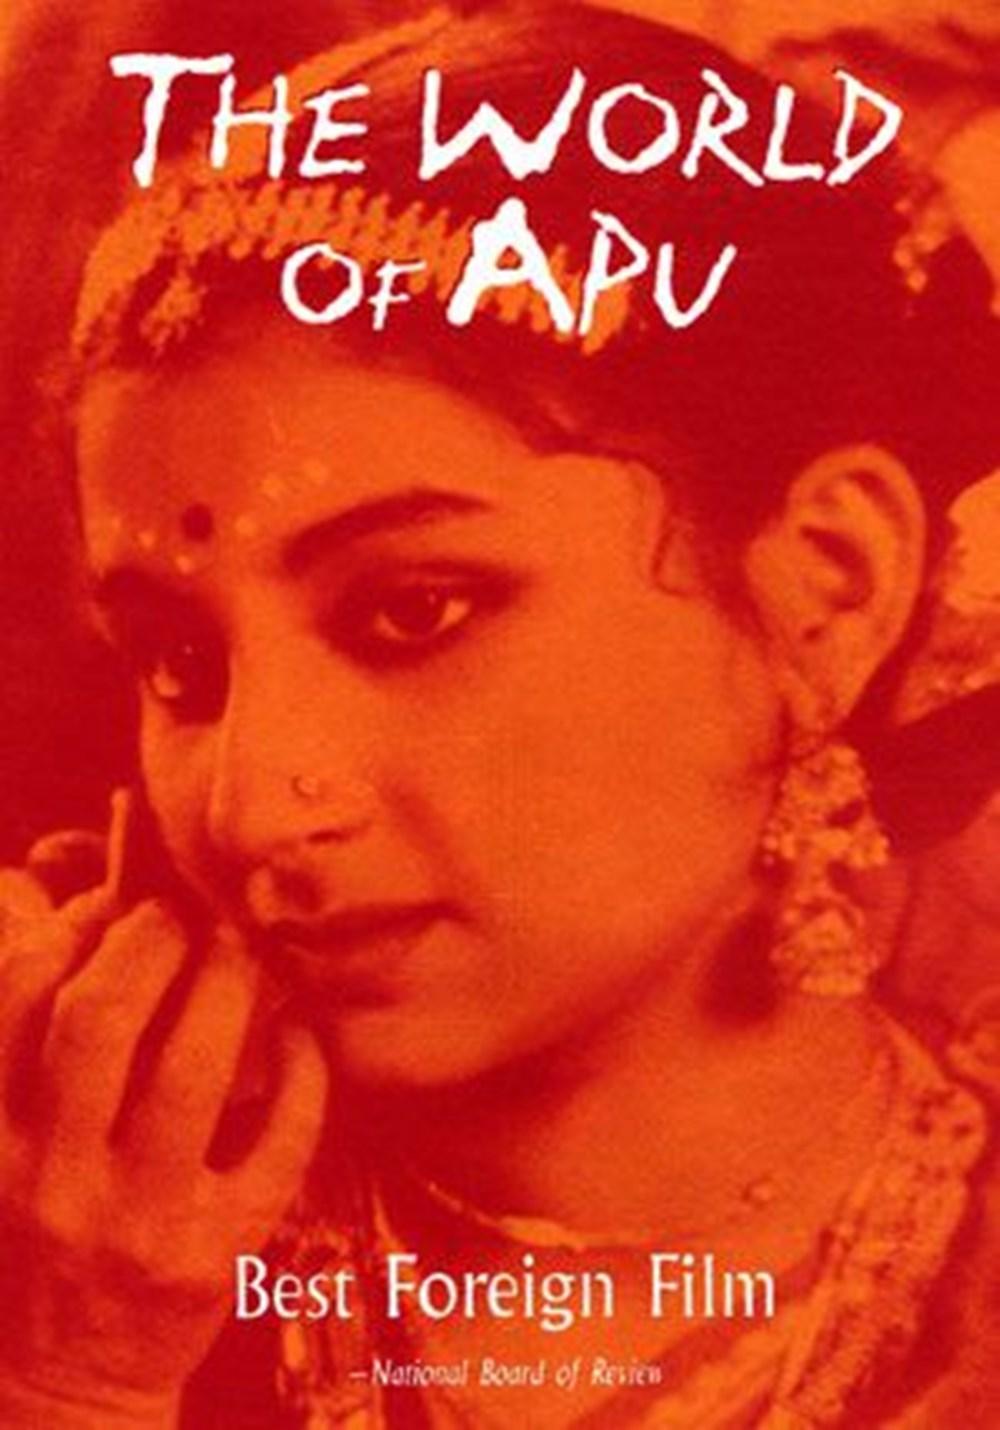 En iyi Hint filmleri - IMDb verileri (Bollywood sineması) - 41